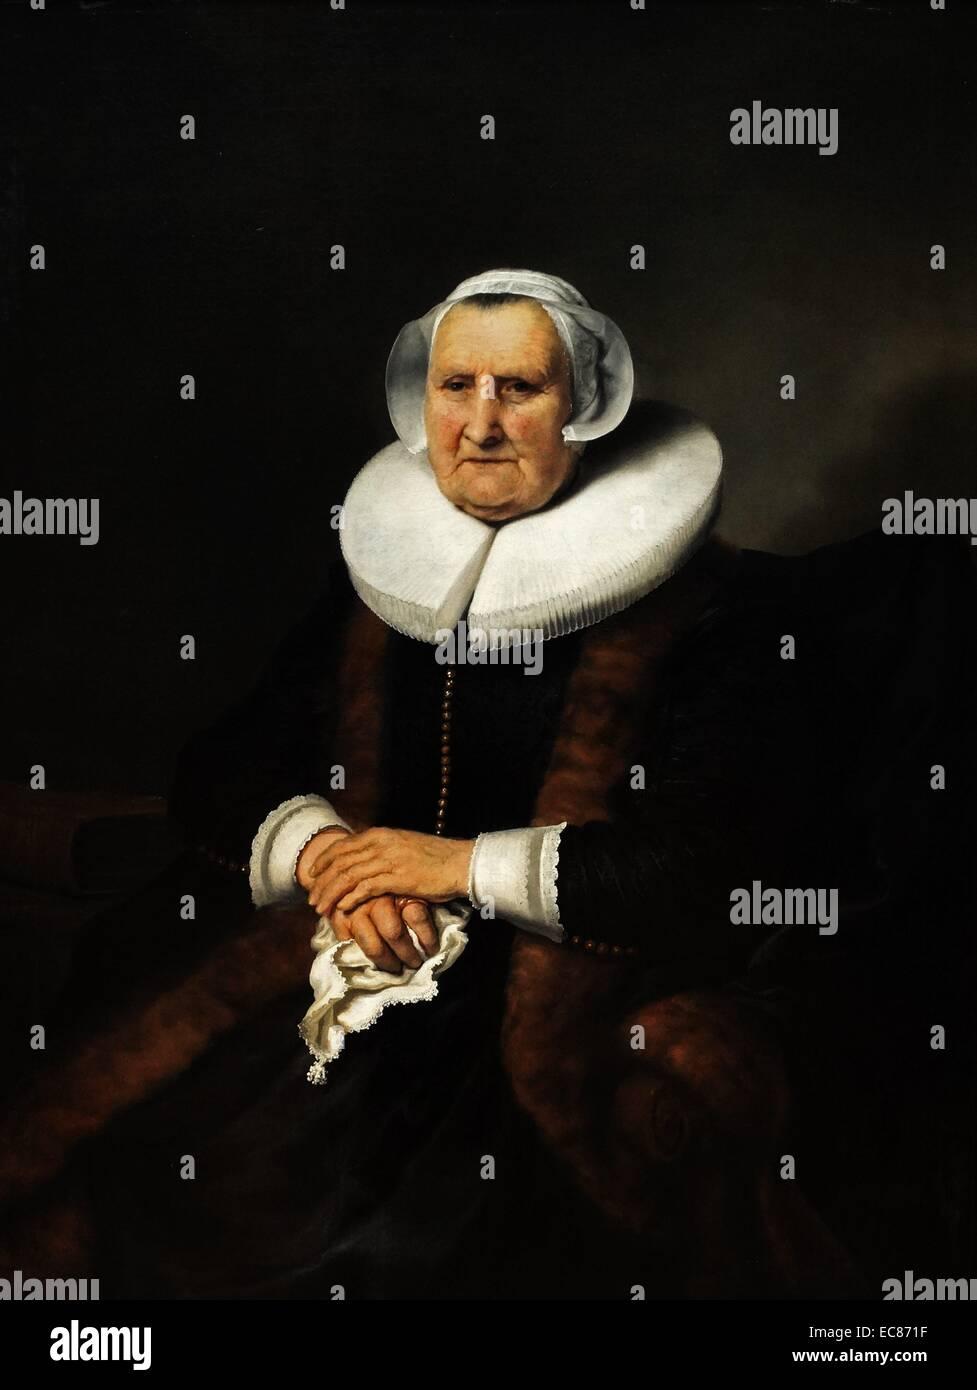 Retrato de una vieja dama Imagen De Stock